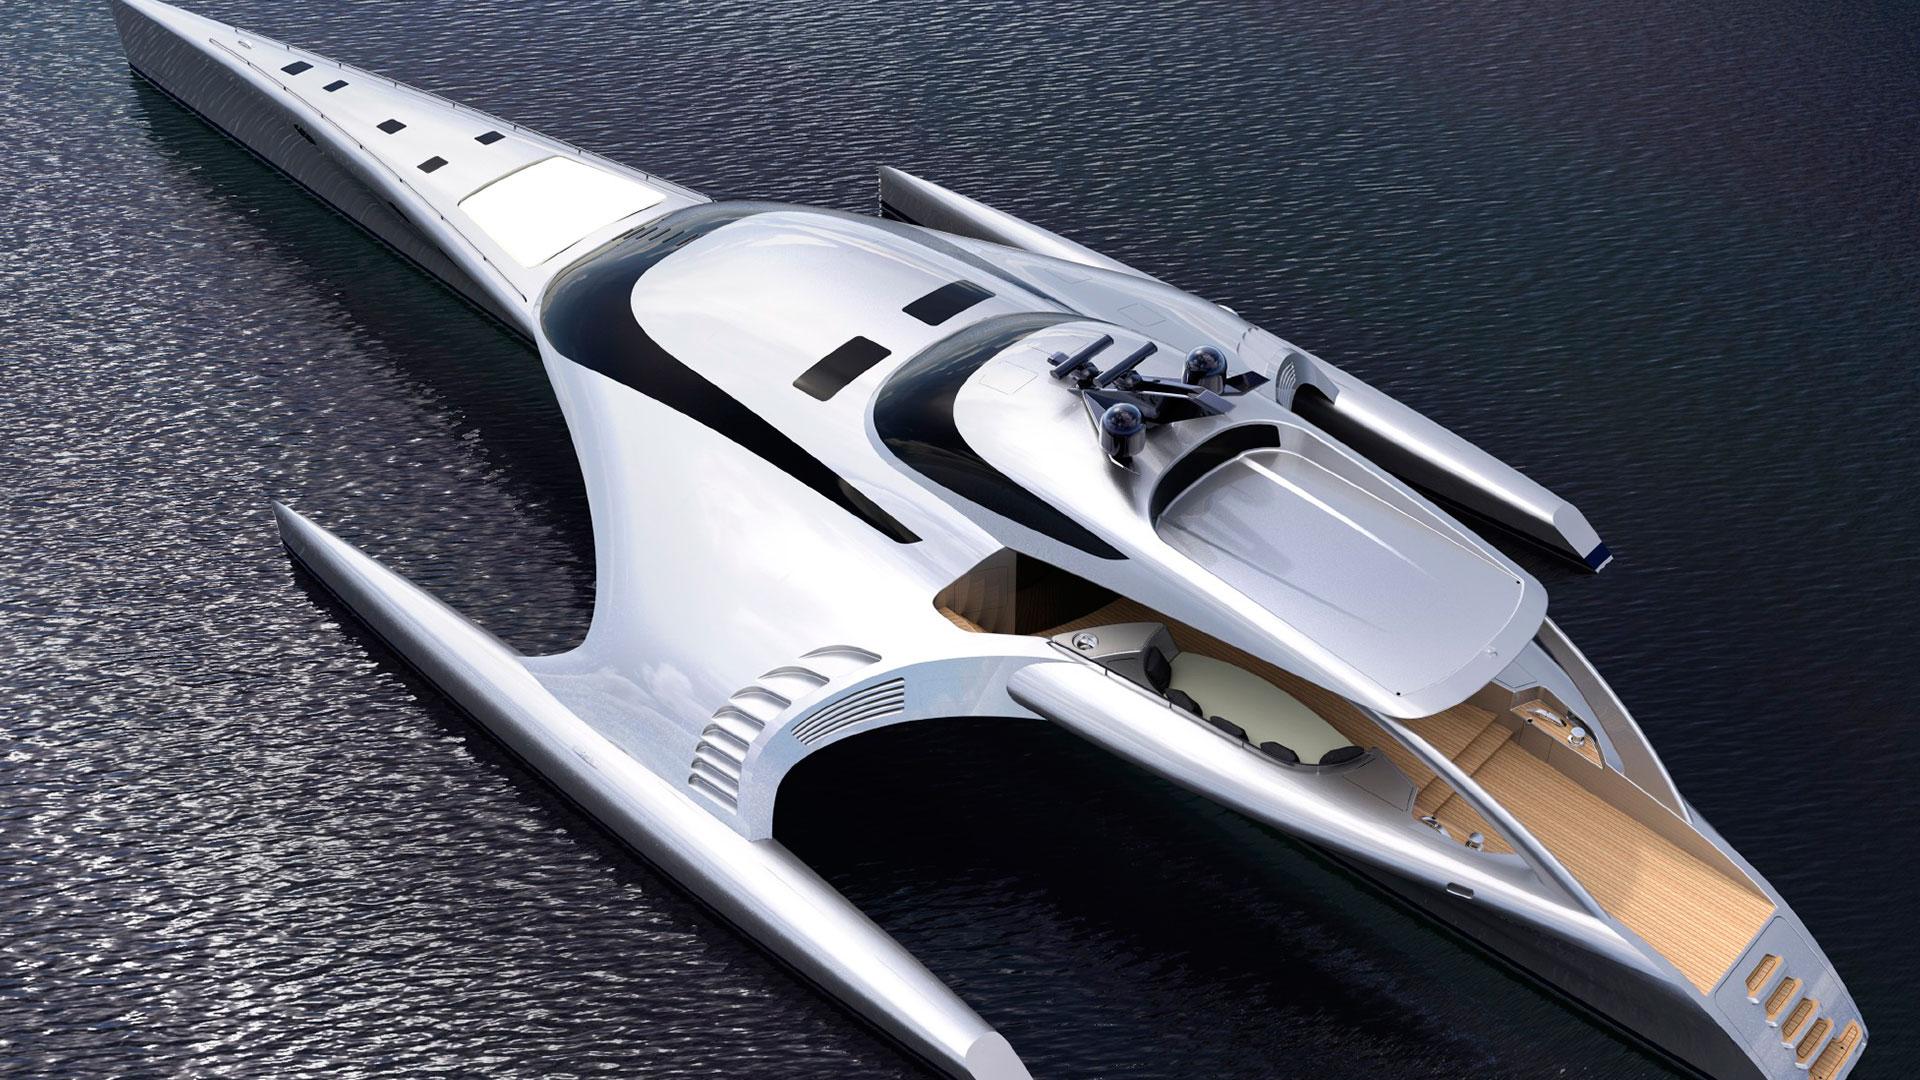 El futuro surcas los mares hero asset